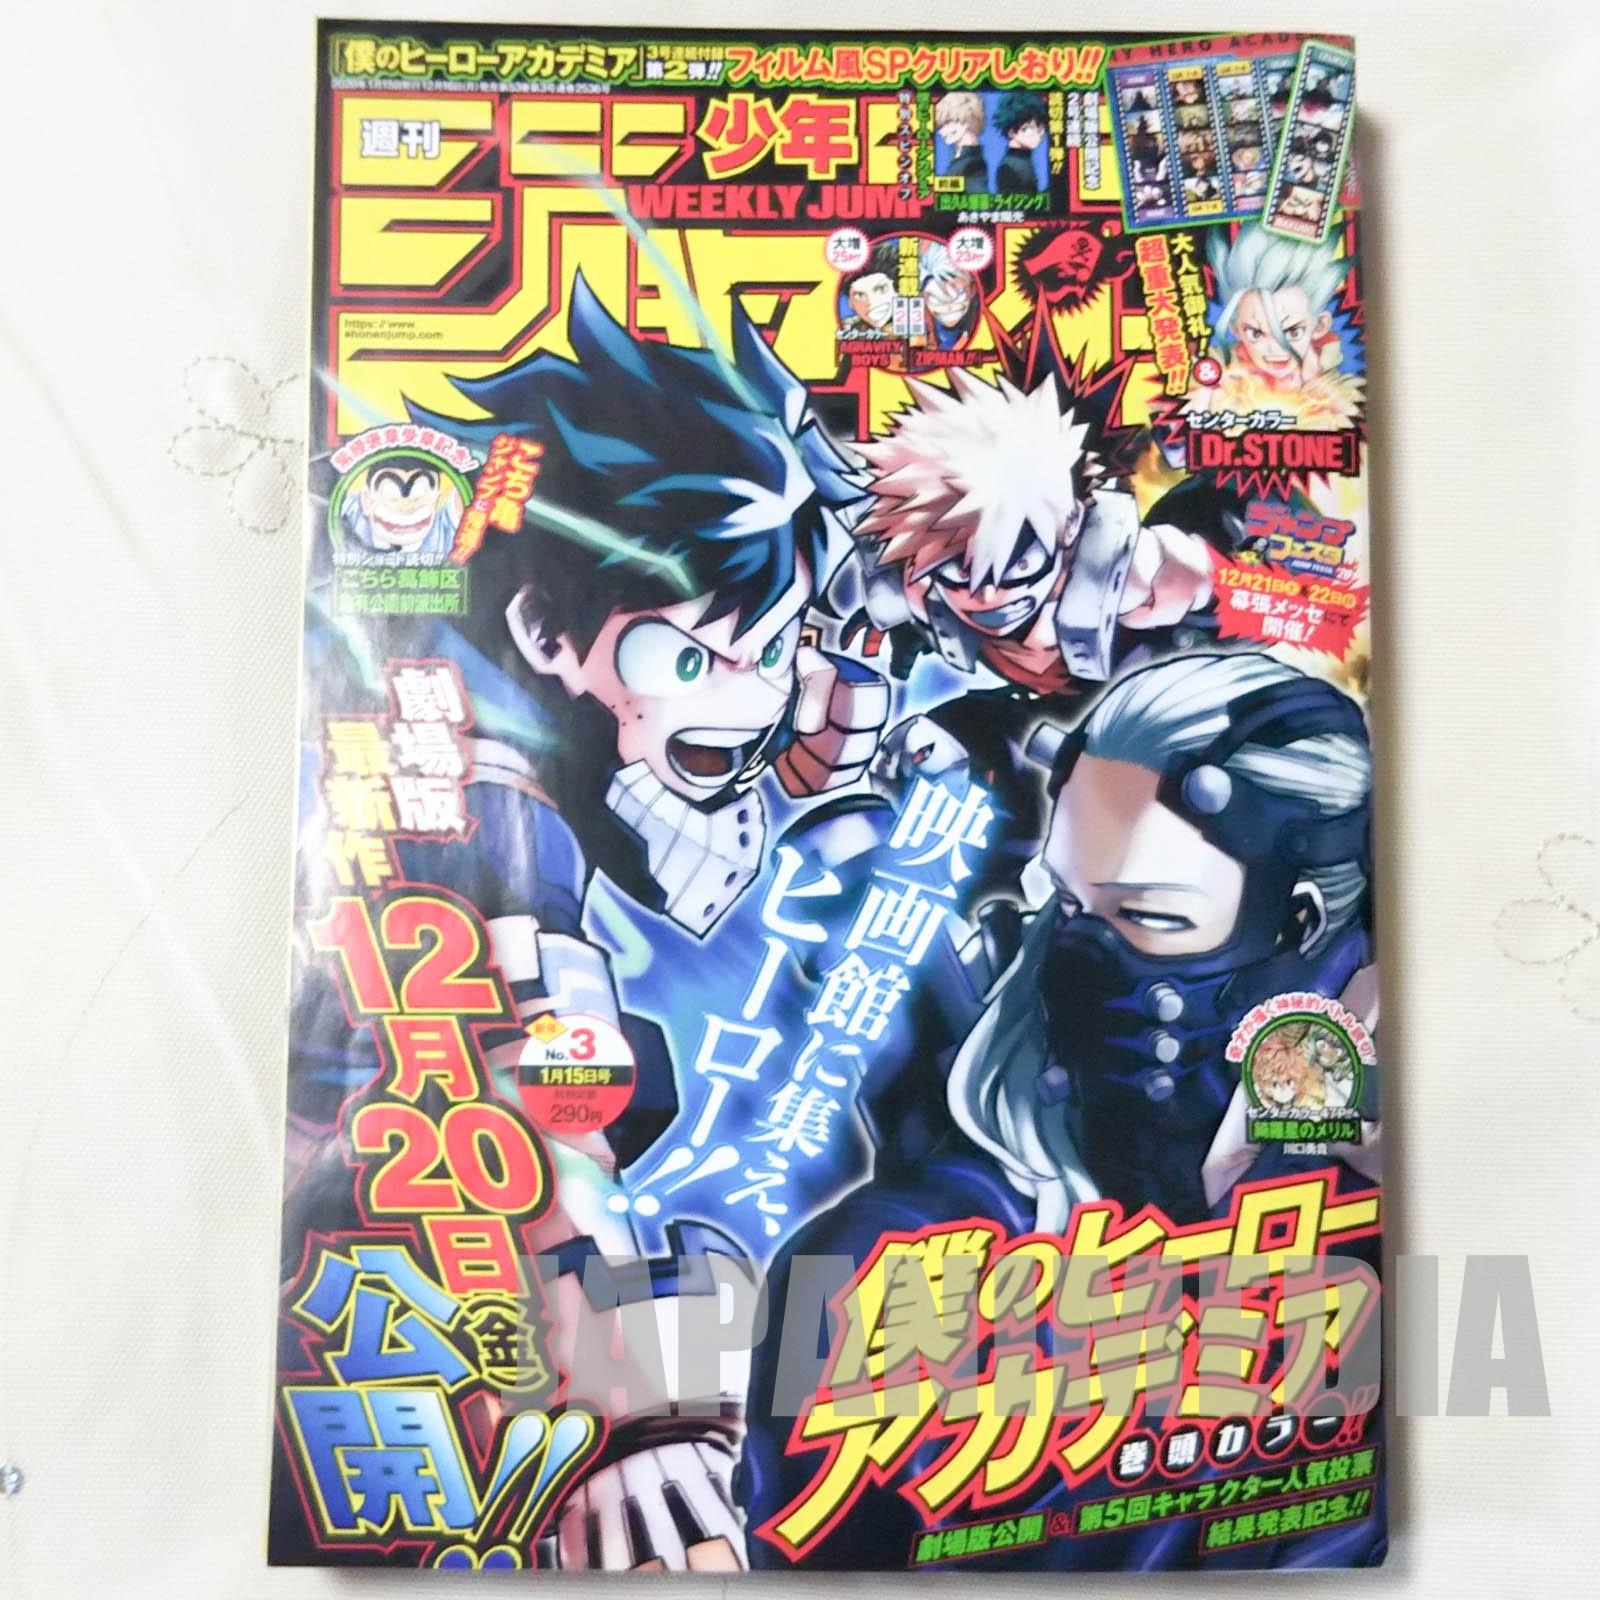 Weekly Shonen JUMP Vol.03 2020 My Hero Academia / Japanese Magazine JAPAN MANGA